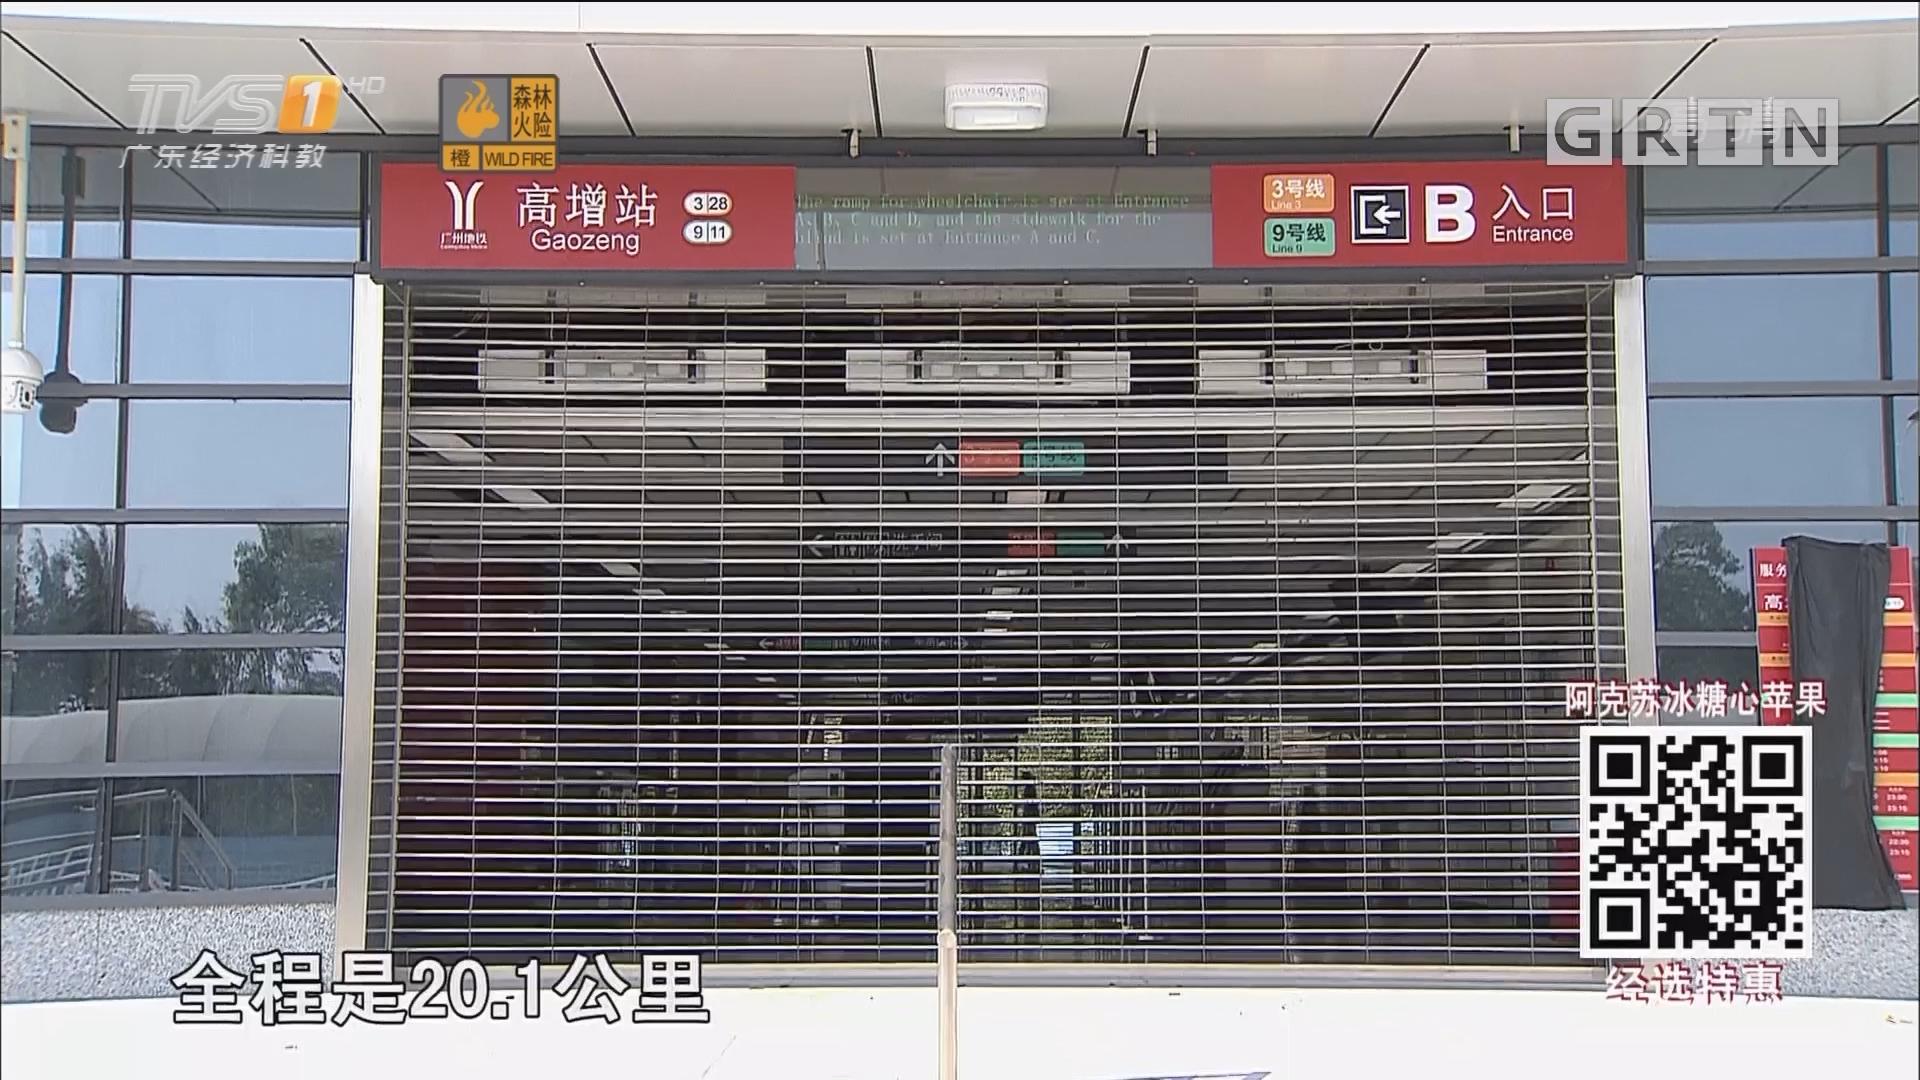 广州4条地铁新线明日开通!街坊出行更方便